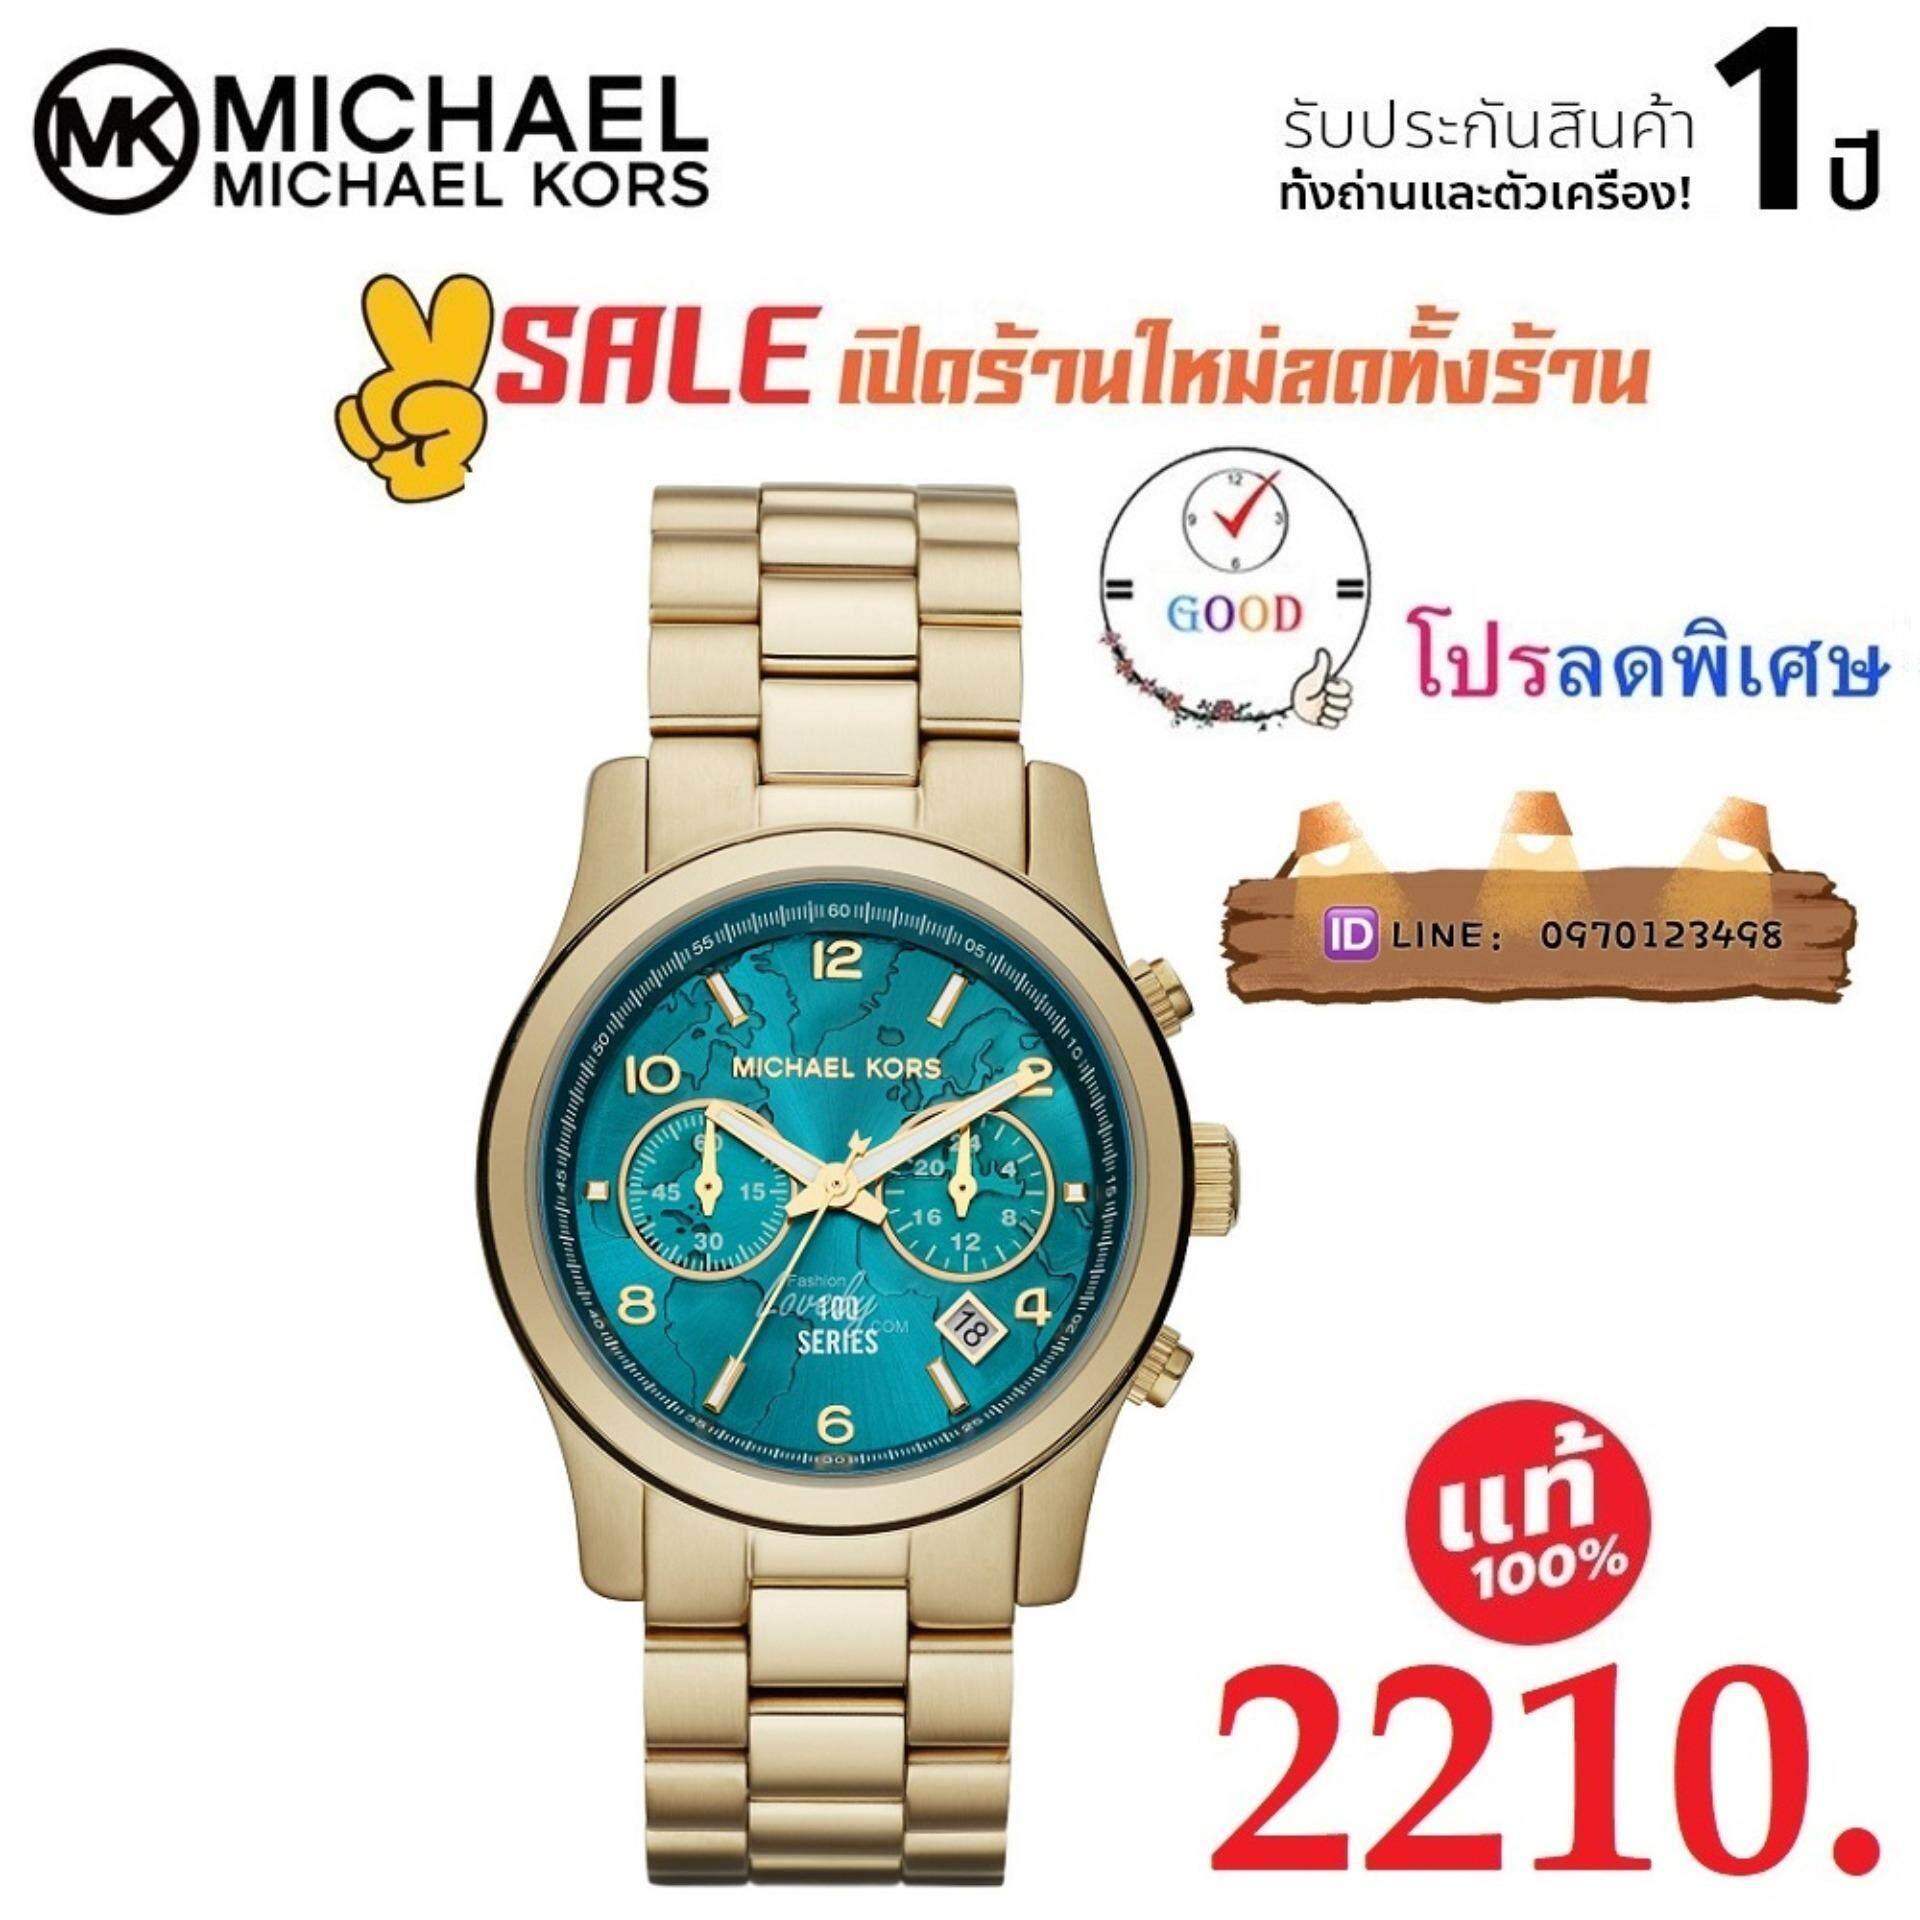 นาฬิกาผู้หญิง Michael Kors MK5815